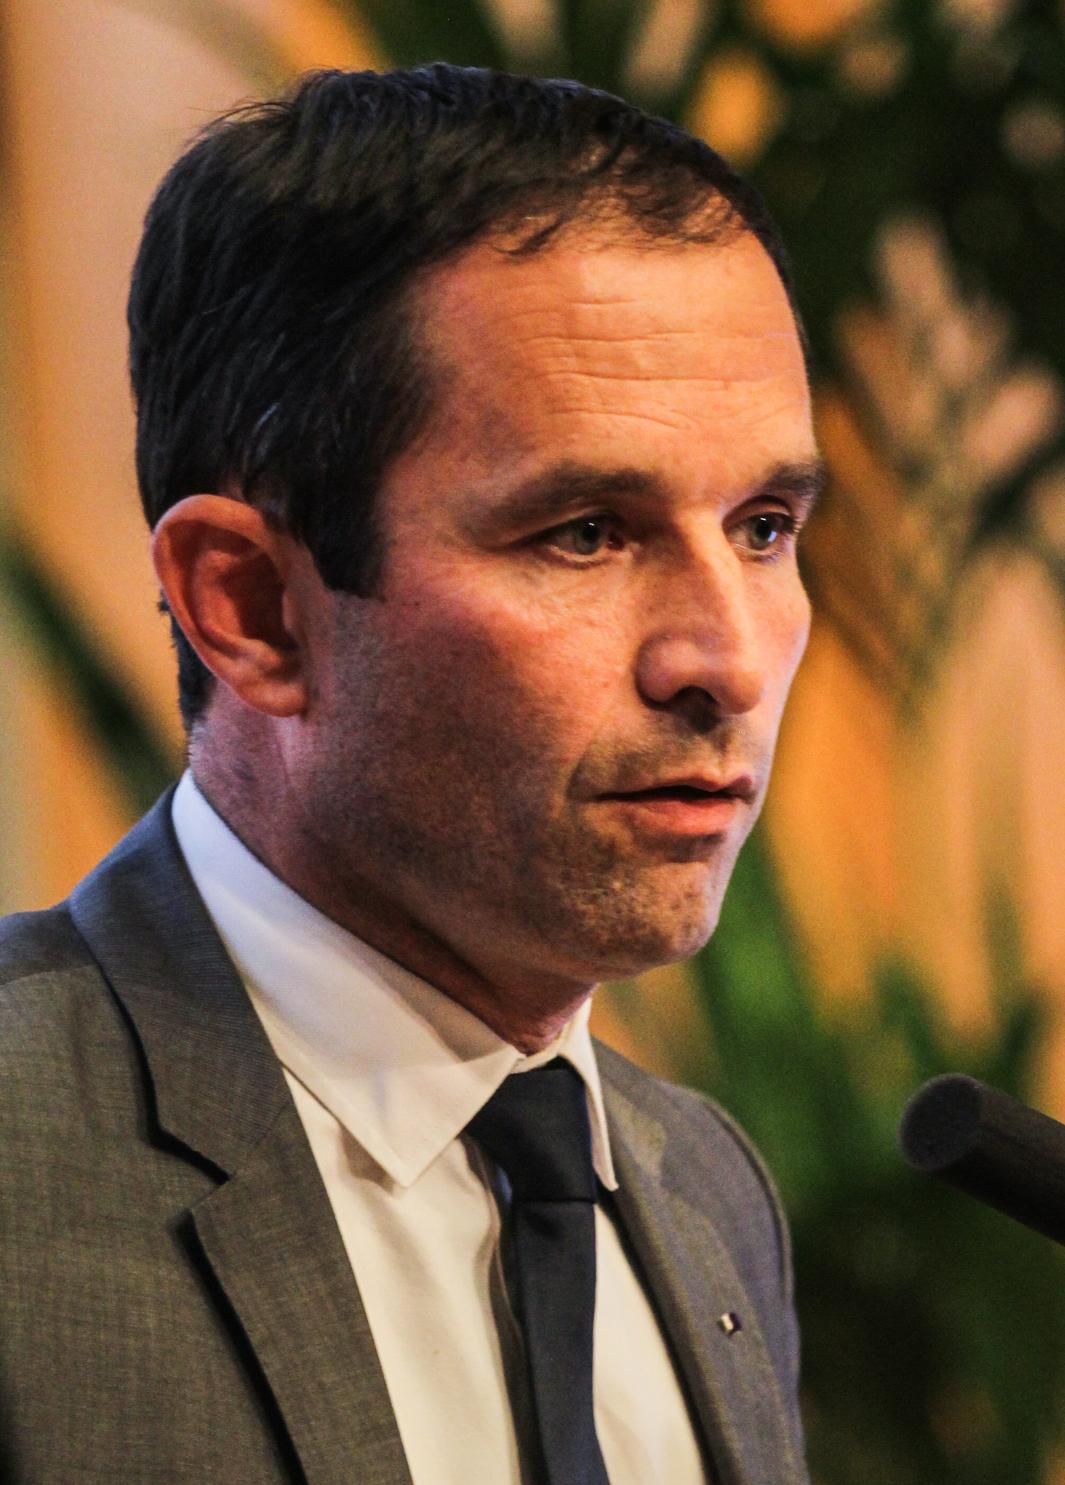 Benoît Hamon éléction présidentielle 2022, candidat